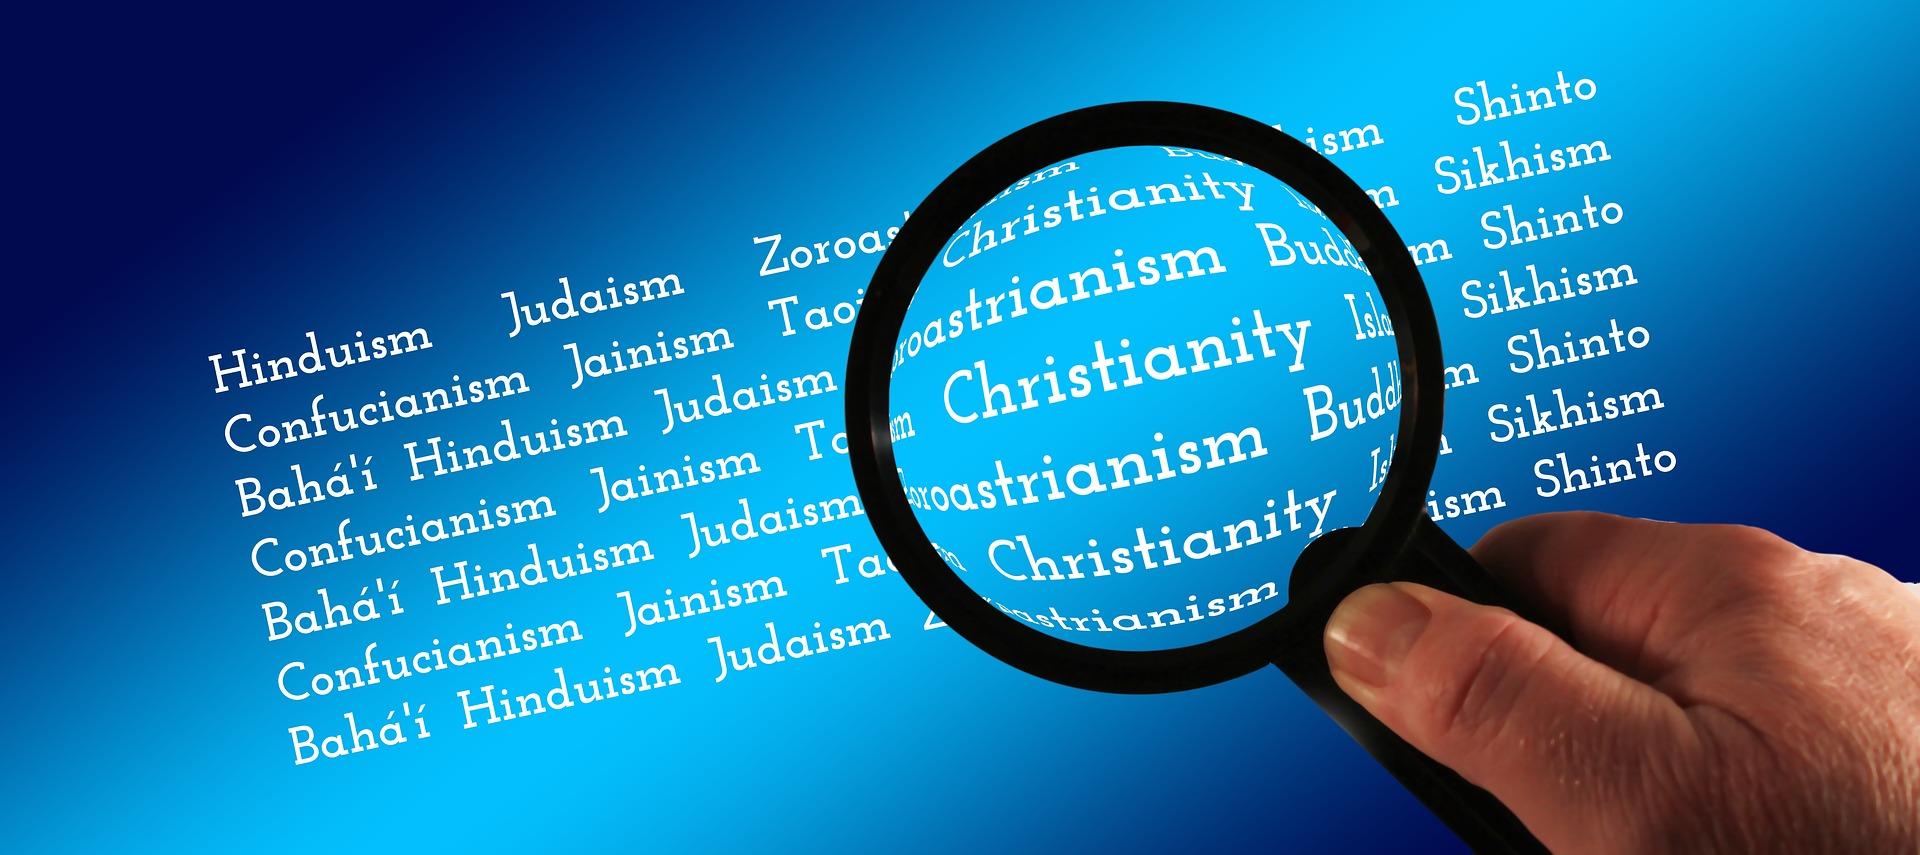 W Polsce żyjemy zanurzeni w katolicyzm. Inne religie nie są nam jeszcze tak namacalne, nie jesteśmy z nimi w bezpośrednim kontakcie. Są jednak uniwersalne informacje, dzięki którym rozróżniamy naszą religię on innych. Sprawdź się w nich!